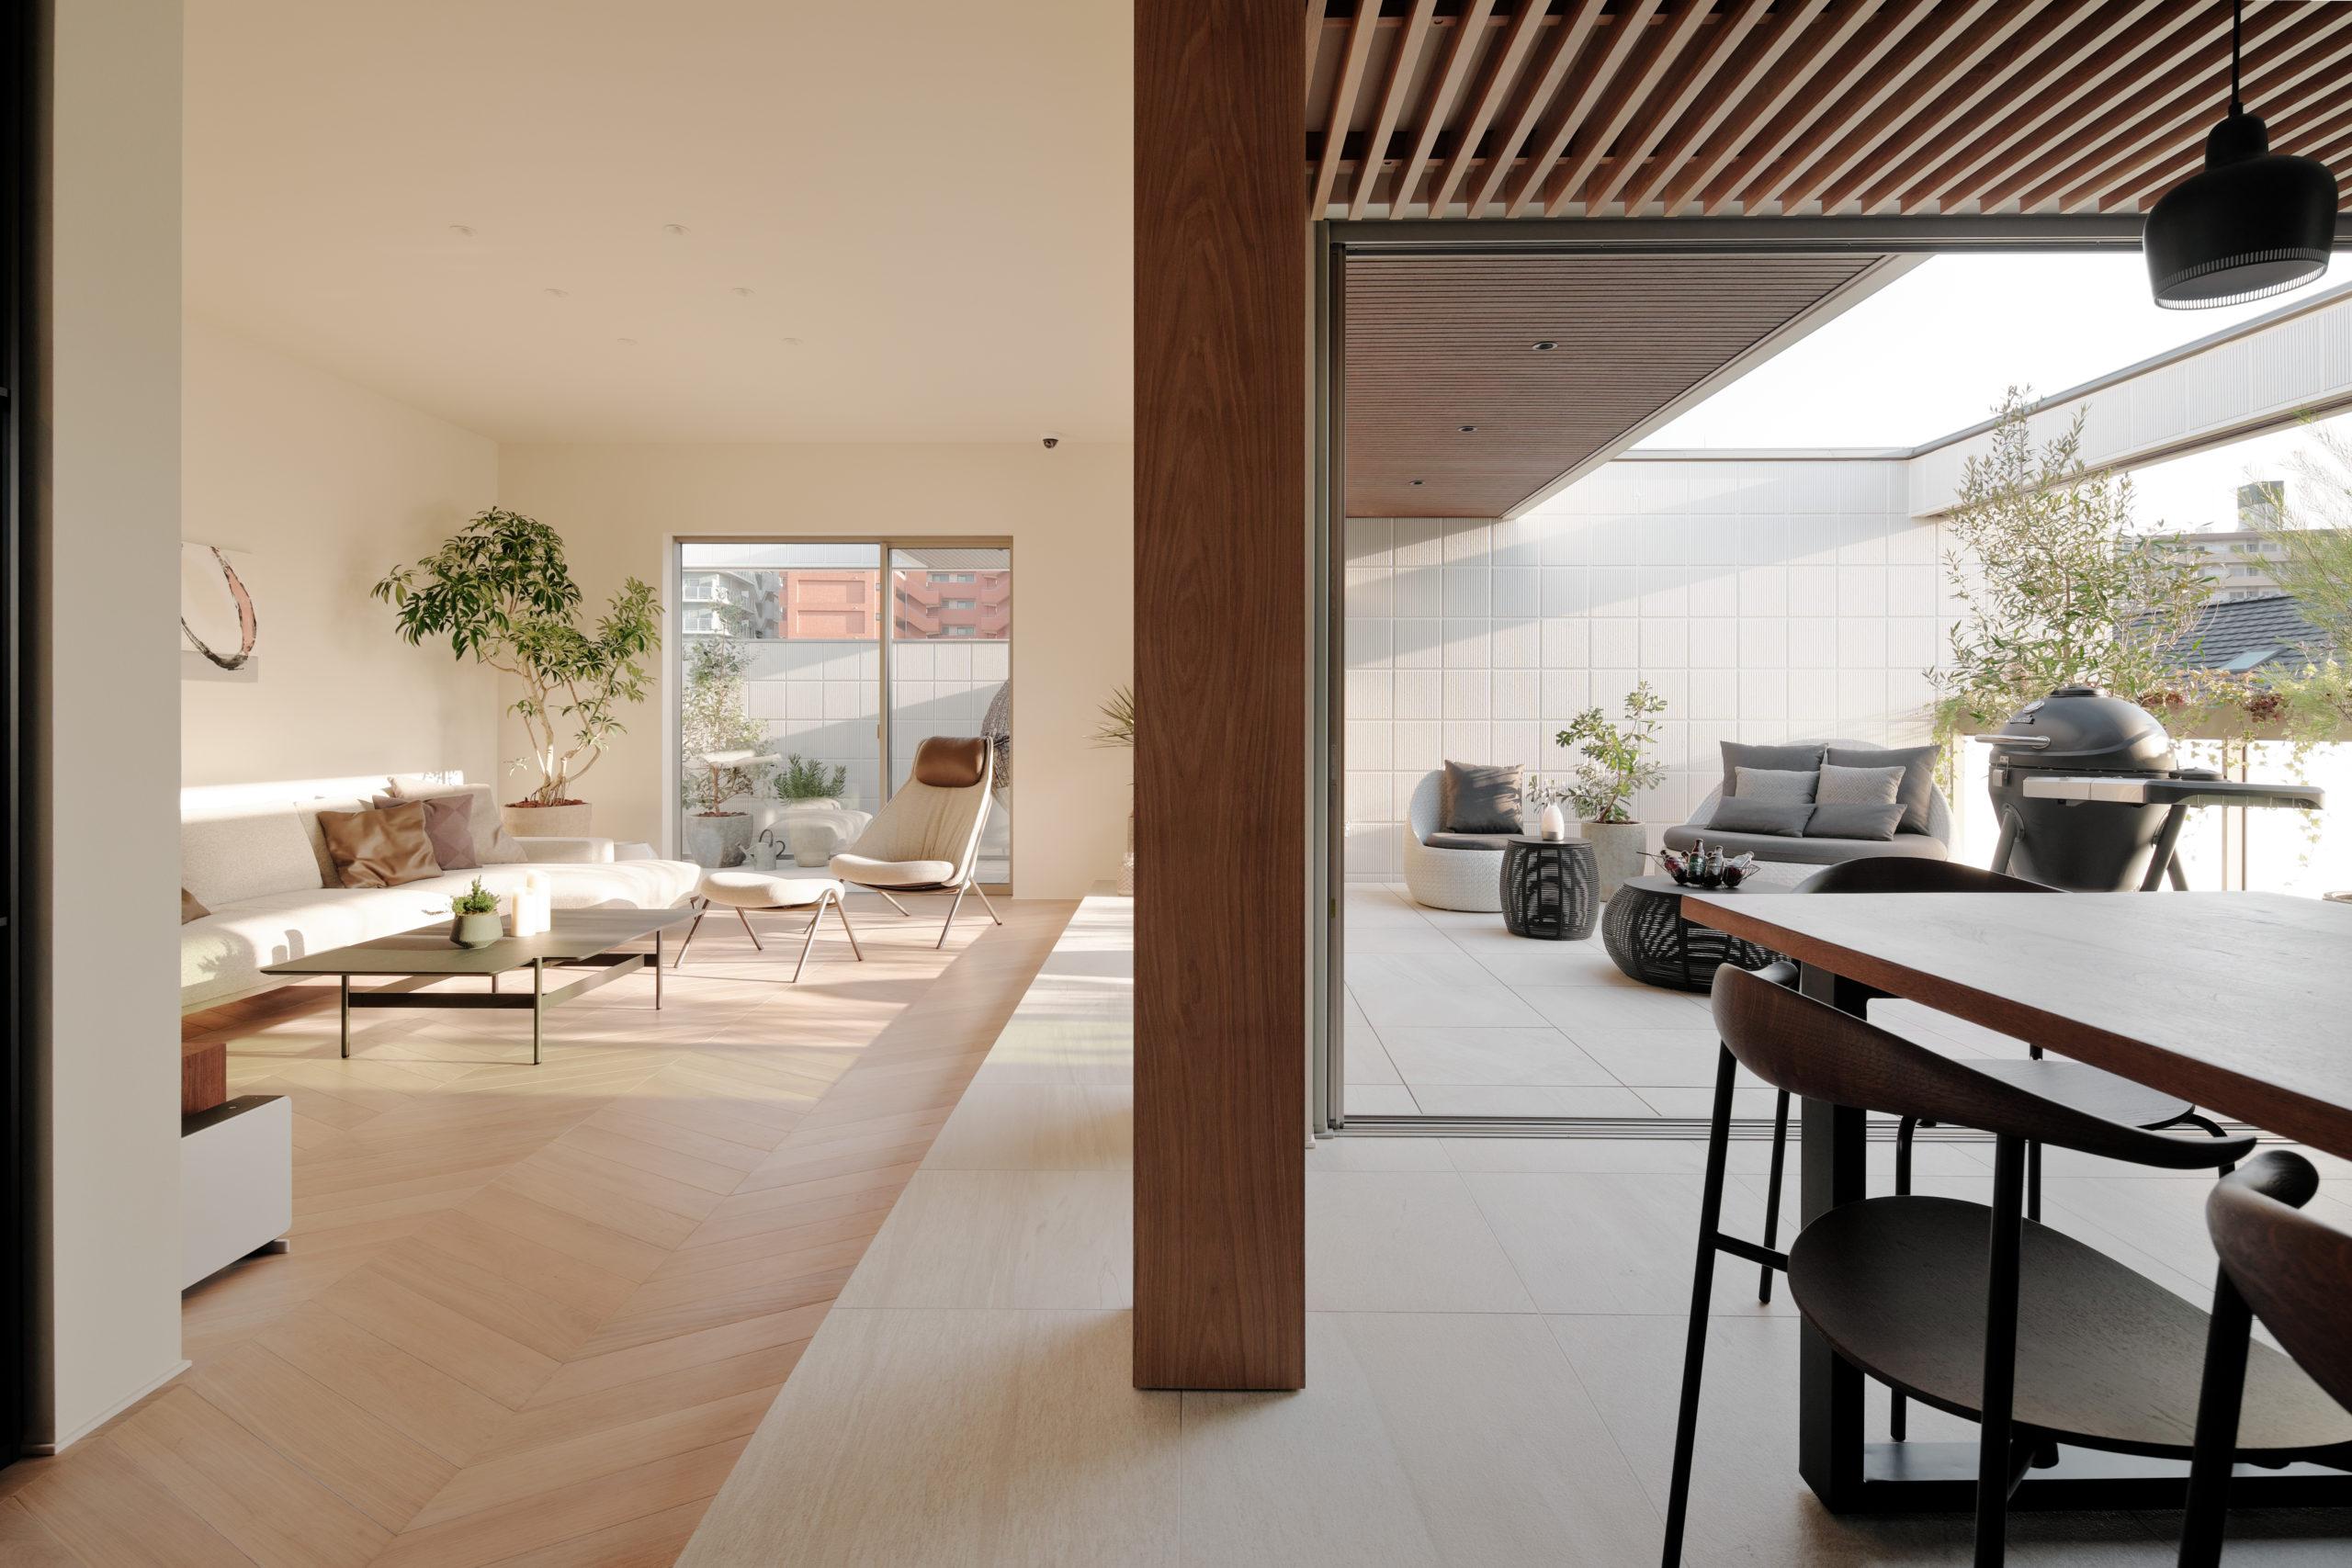 室内から外に向かって床をフラットにしタイルを繋げる事で、大空間を演出しました